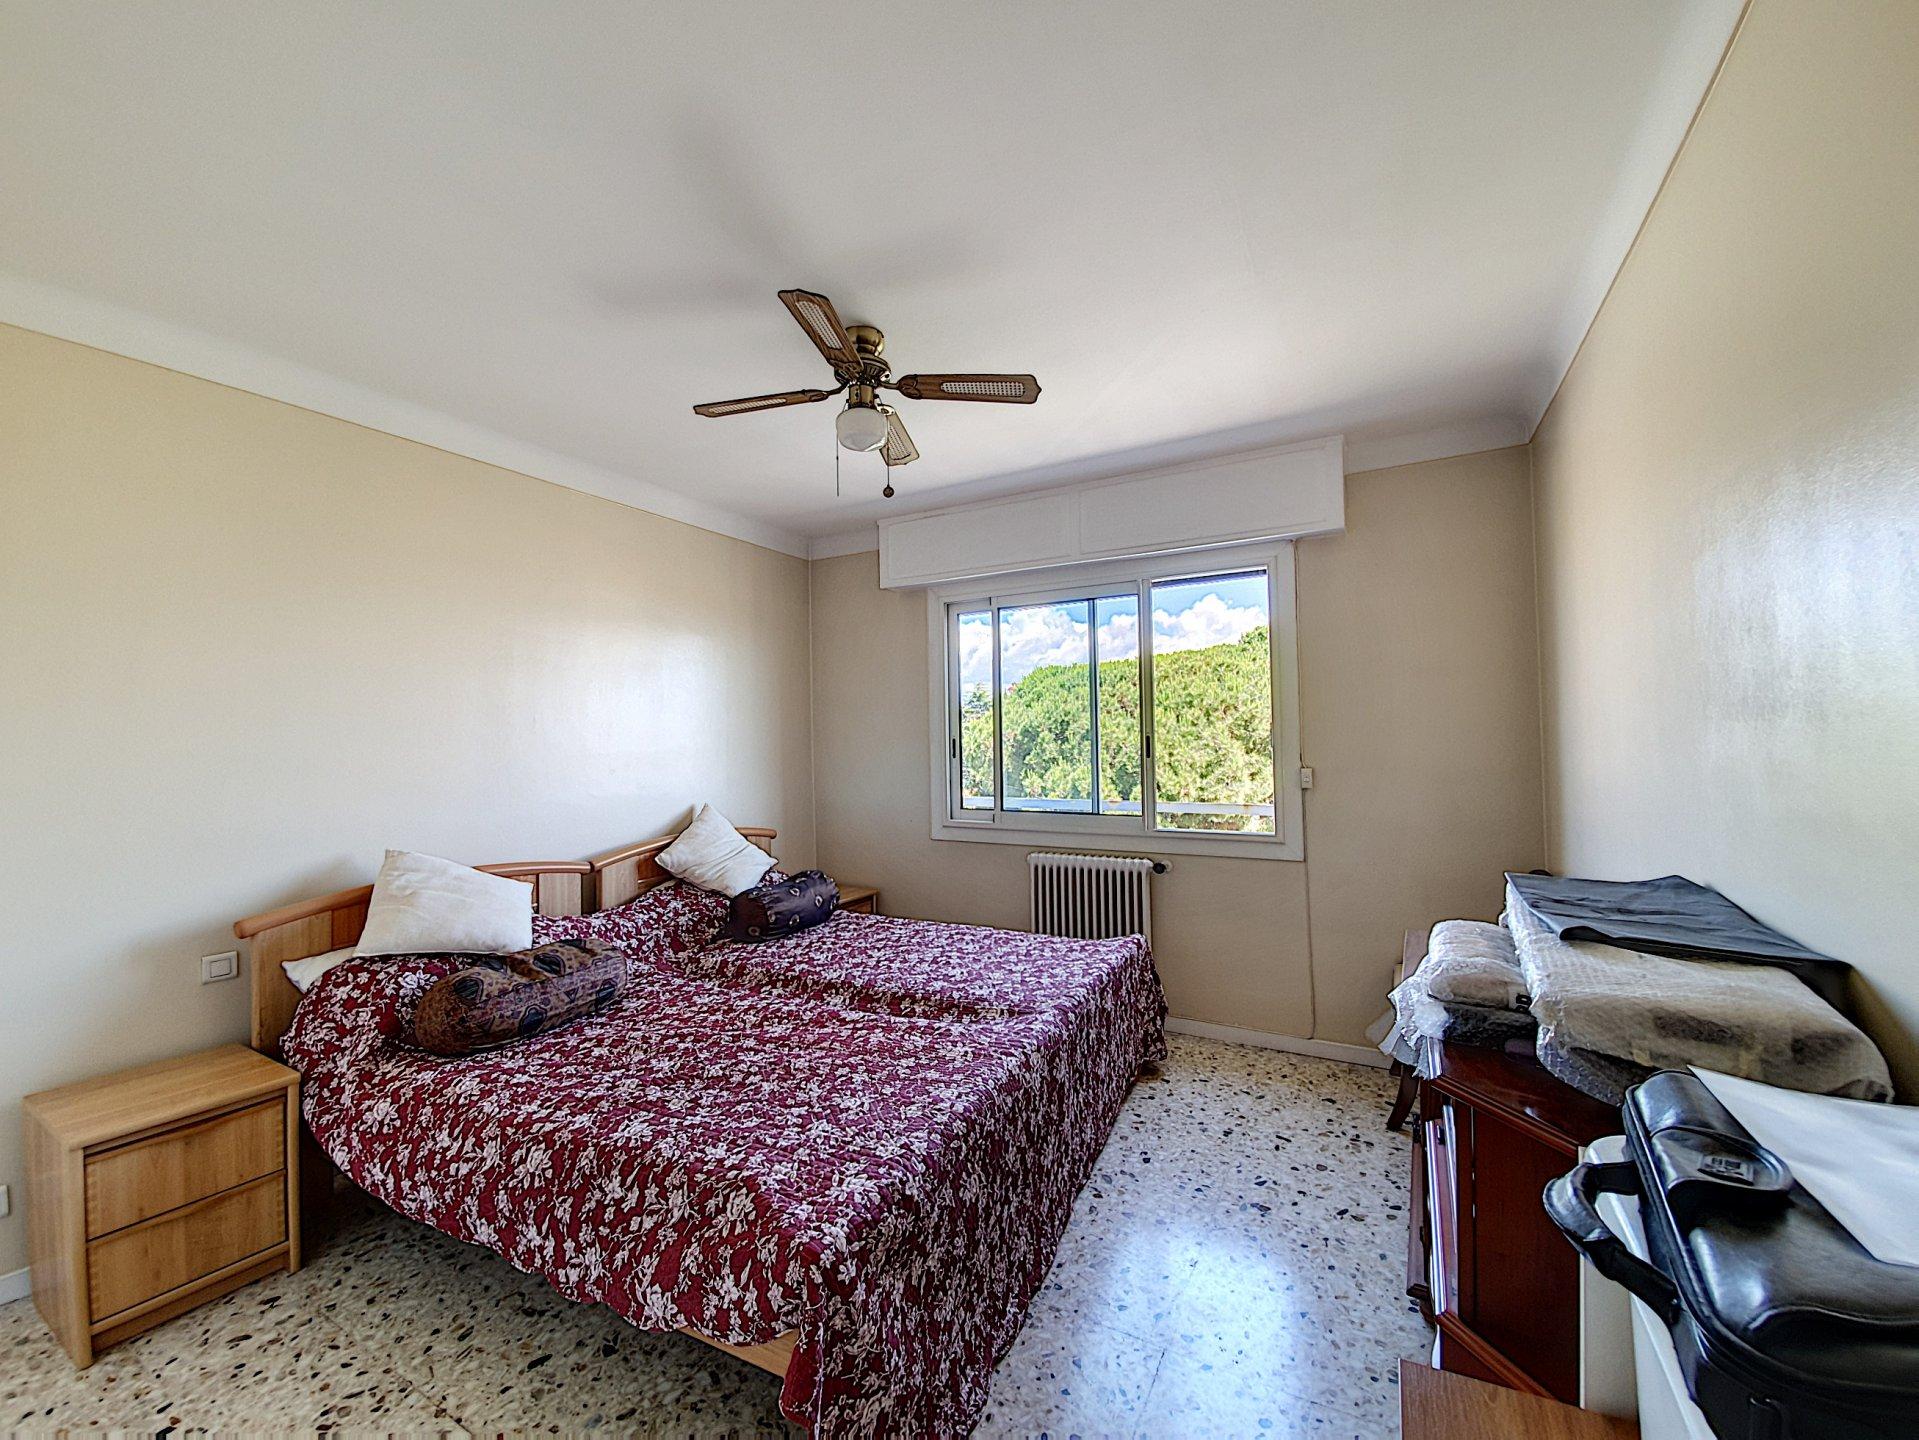 2 BEDROOMS APARTMENT ANTIBES PISCINE PORT VAUBAN